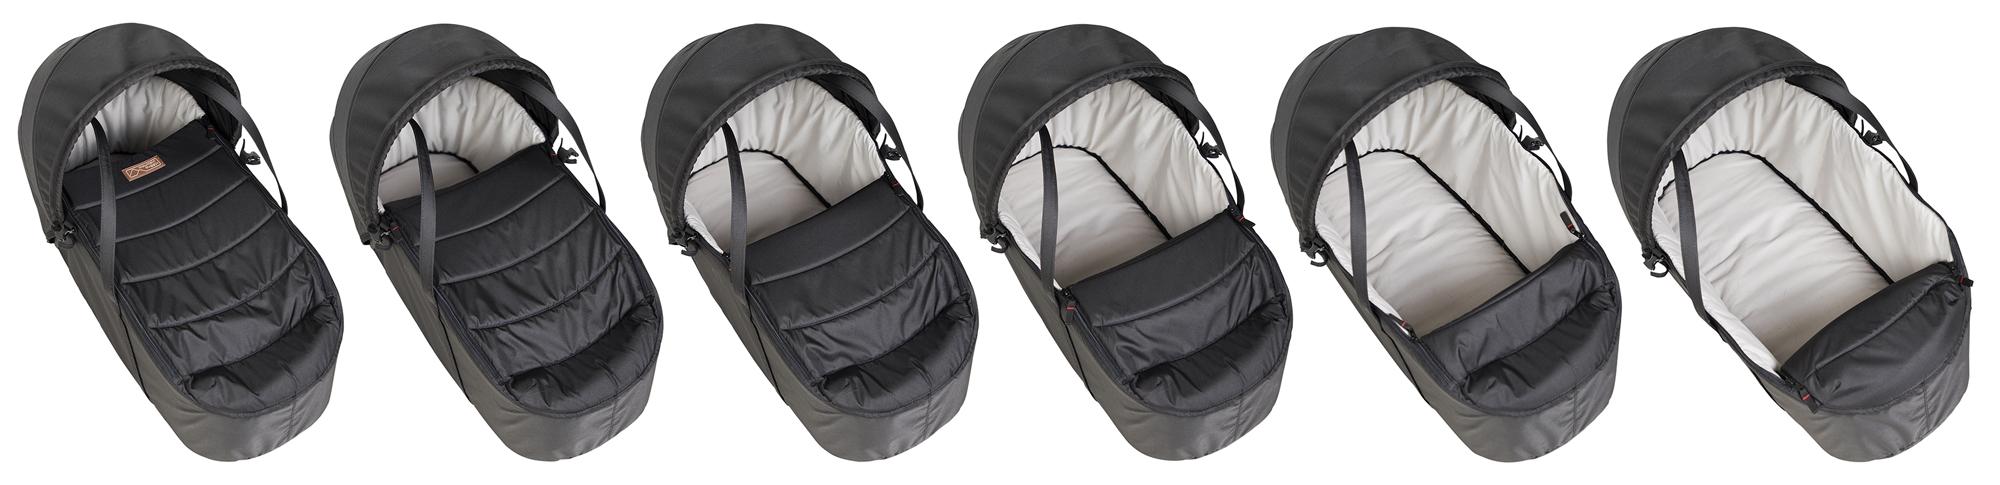 Mountain Buggy Кош за новородено Cocoon е ултралек и осигурява комфорт за бебето, за да може да пътува навсякъде с вас